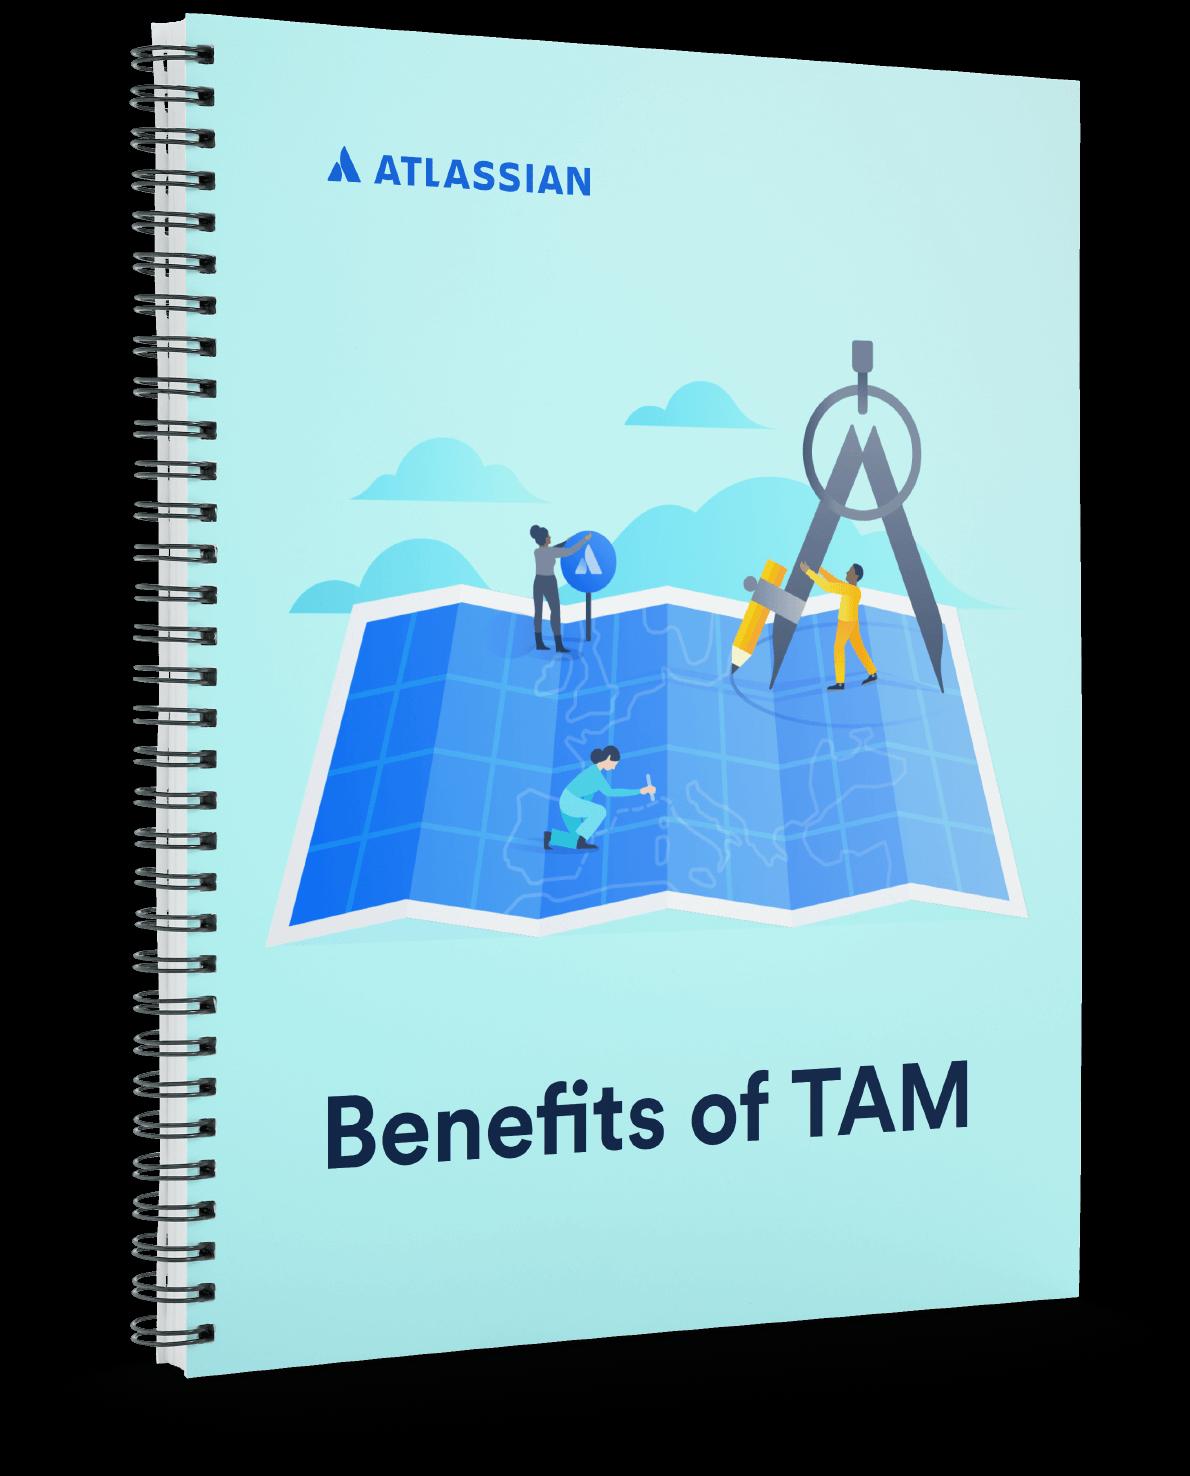 """Titelseite eines Notizbuchs: """"Benefits of TAM"""" (Vorteile eines TAM)"""